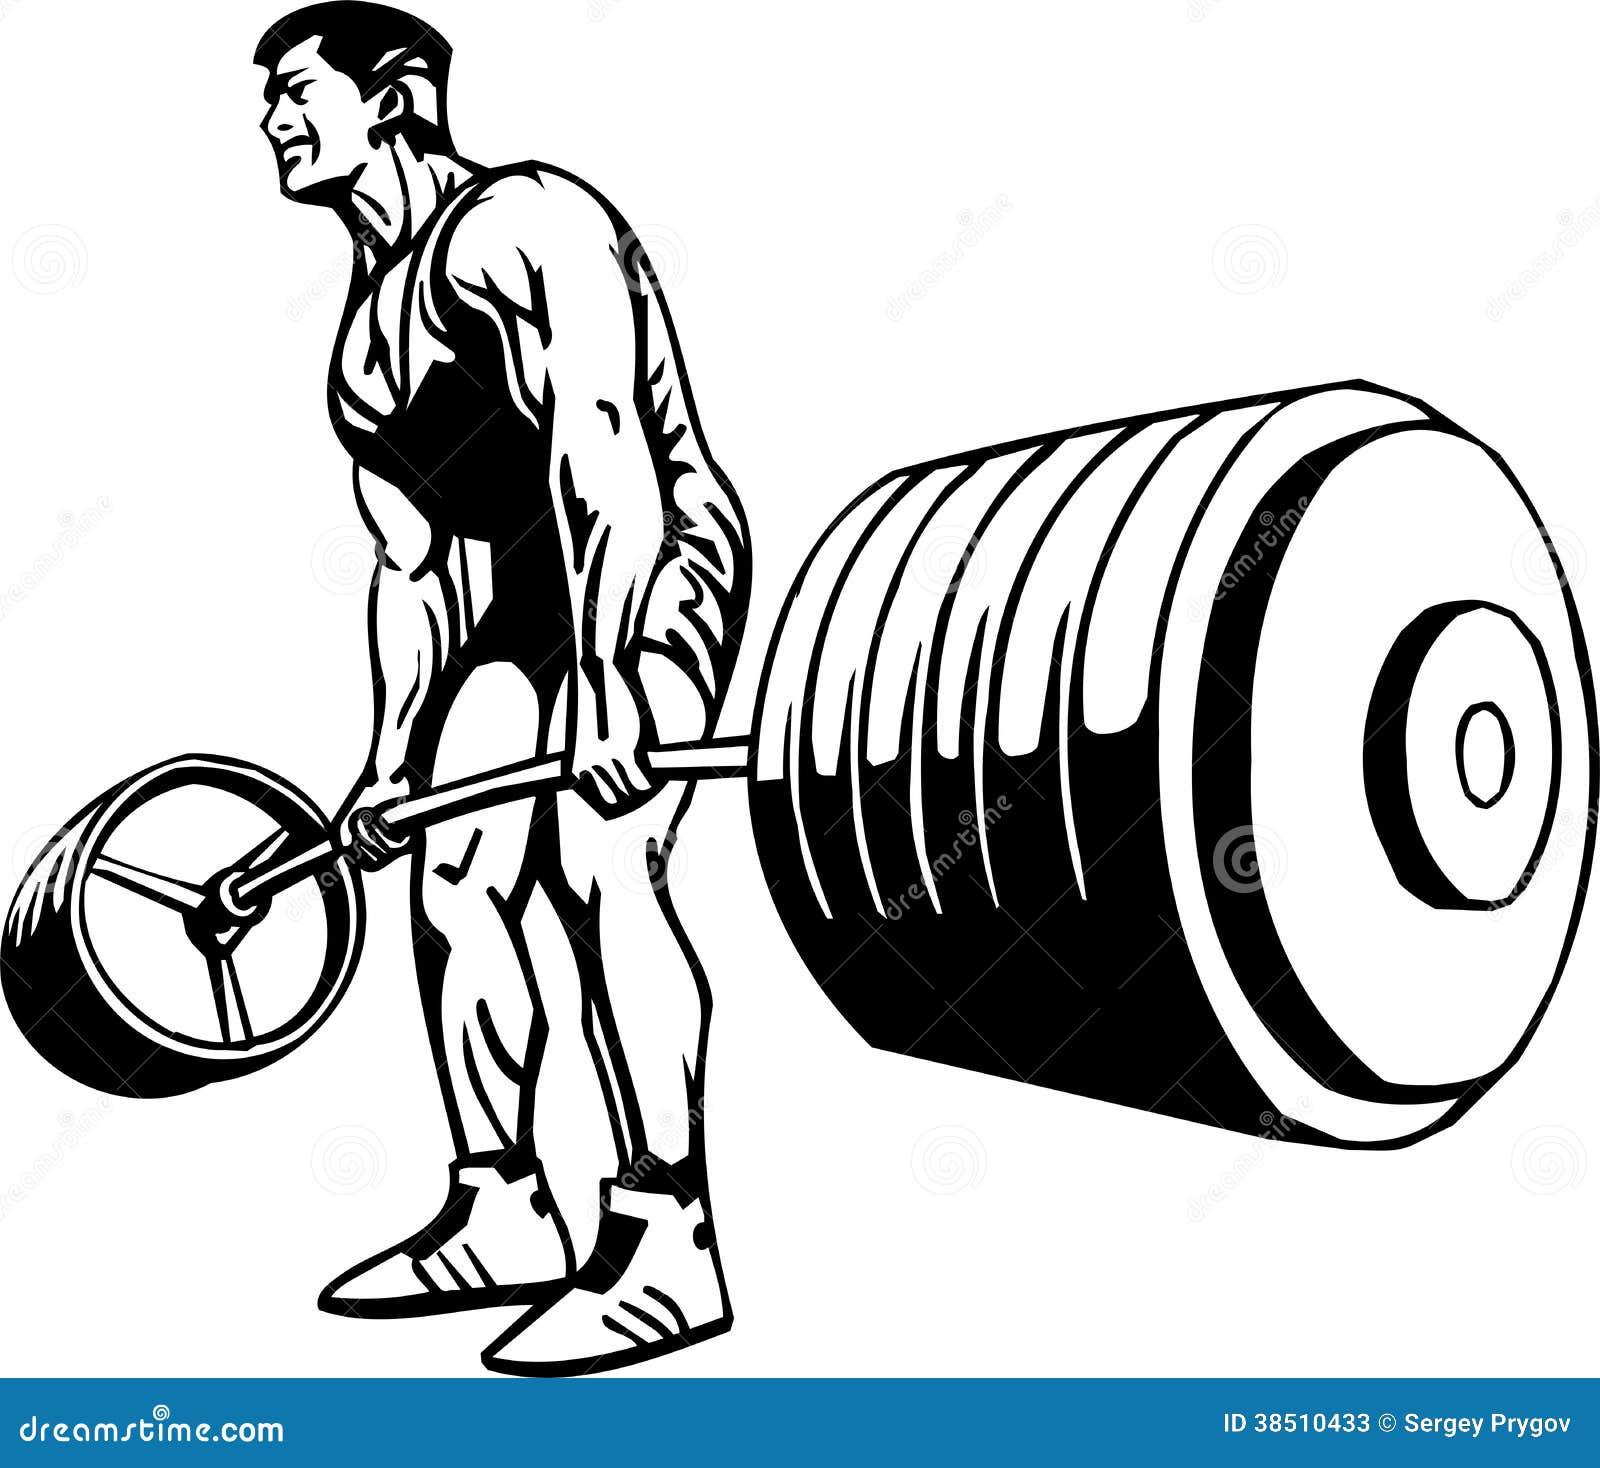 Bodybuilding und Powerlifting - Vektor.